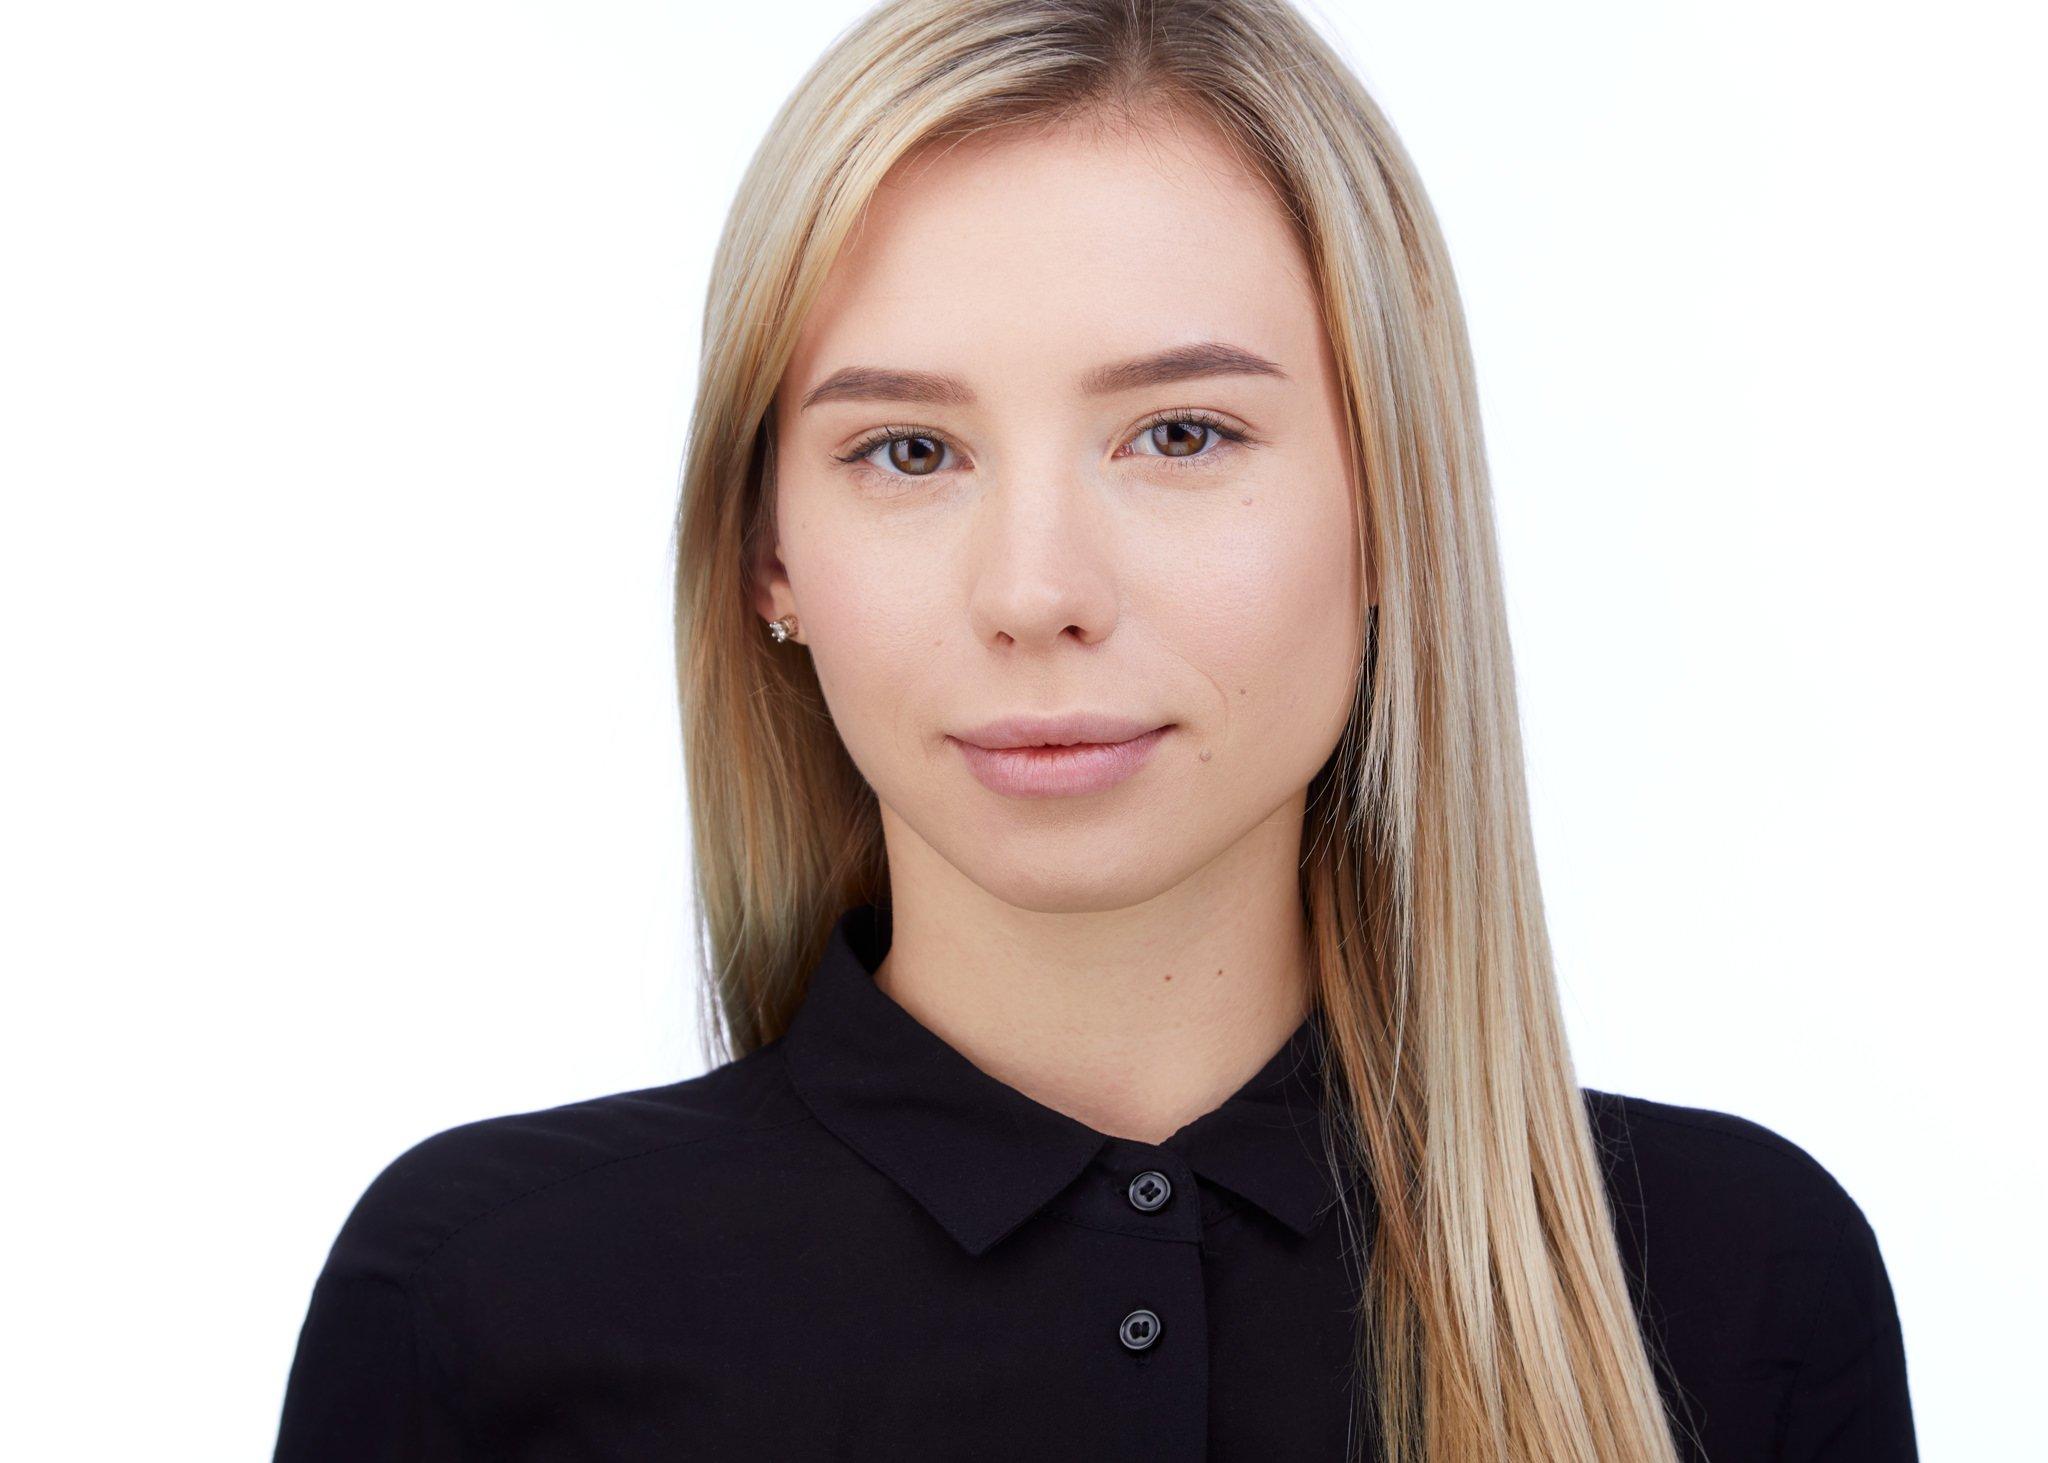 Vlada-Headshots21813-white3-2048px